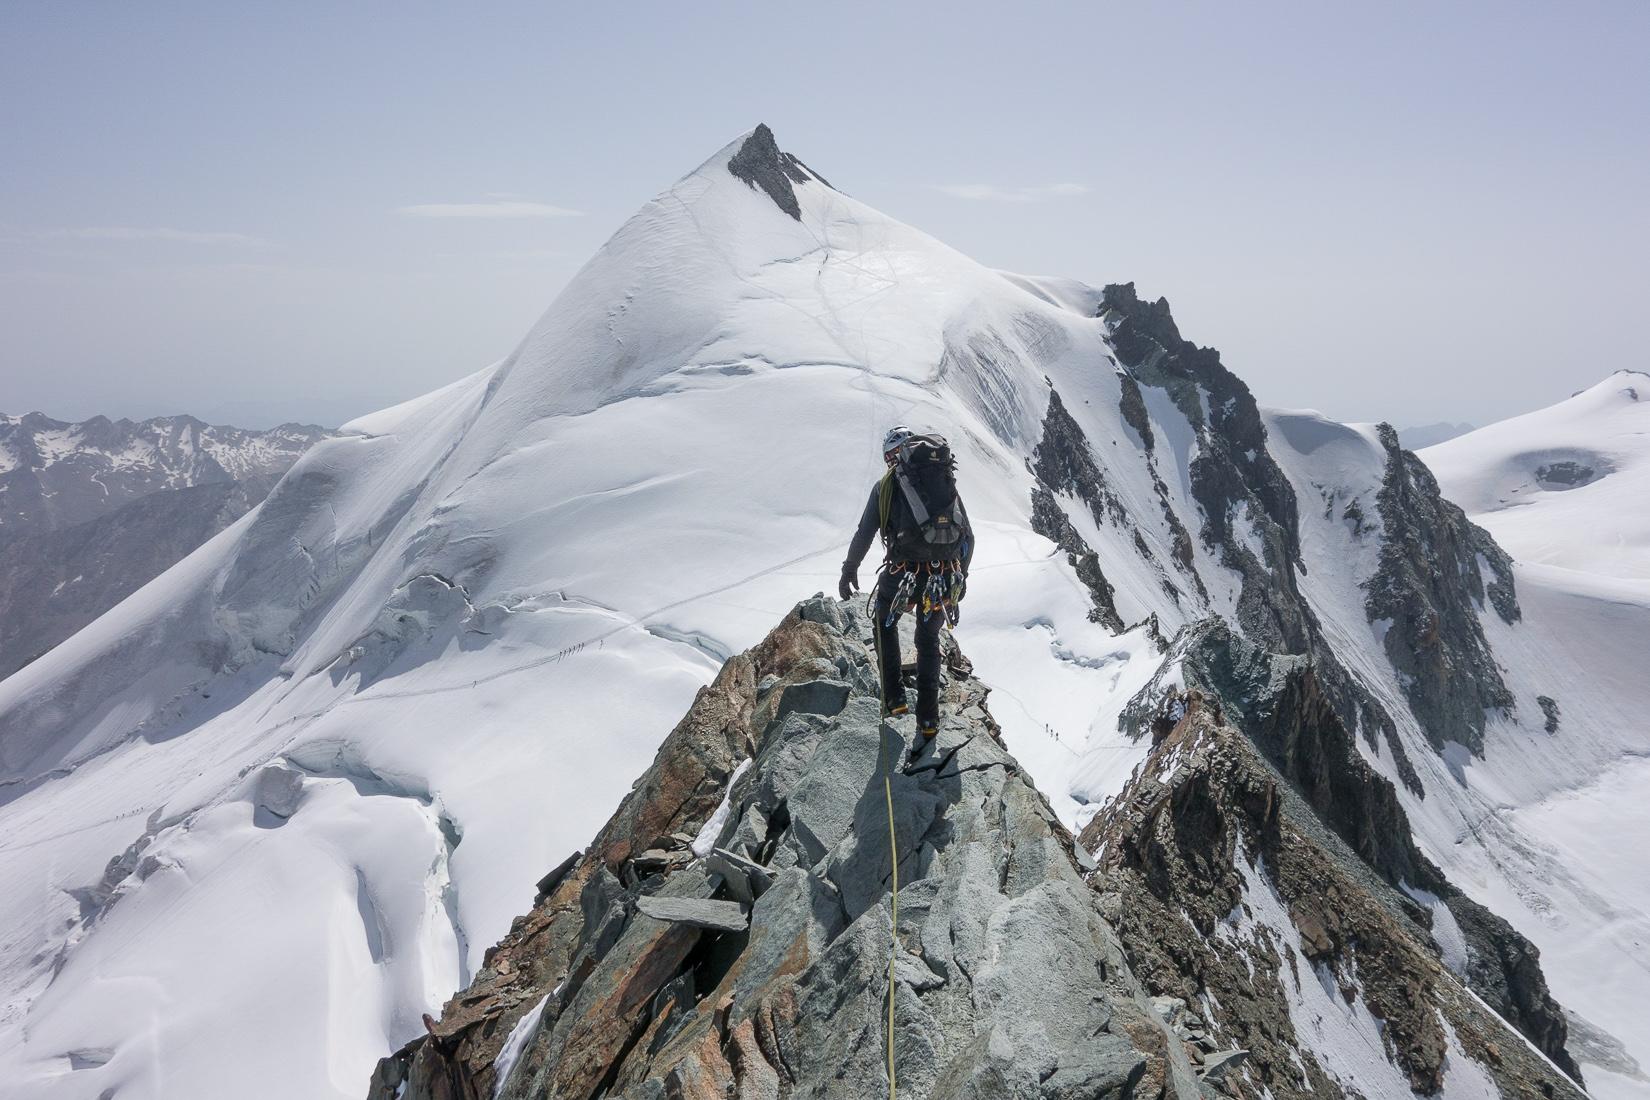 Descending the Feechopf